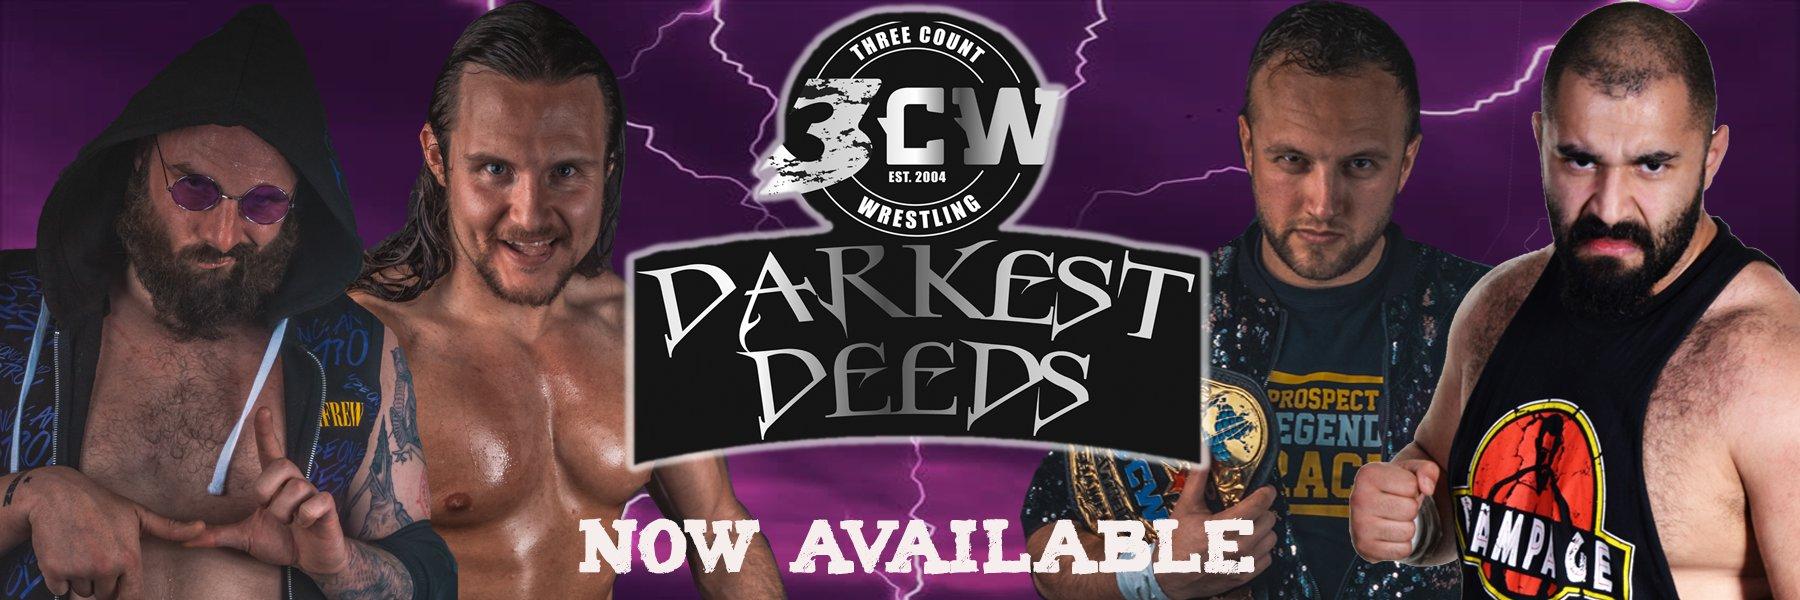 3CW Darkest Deeds 2017